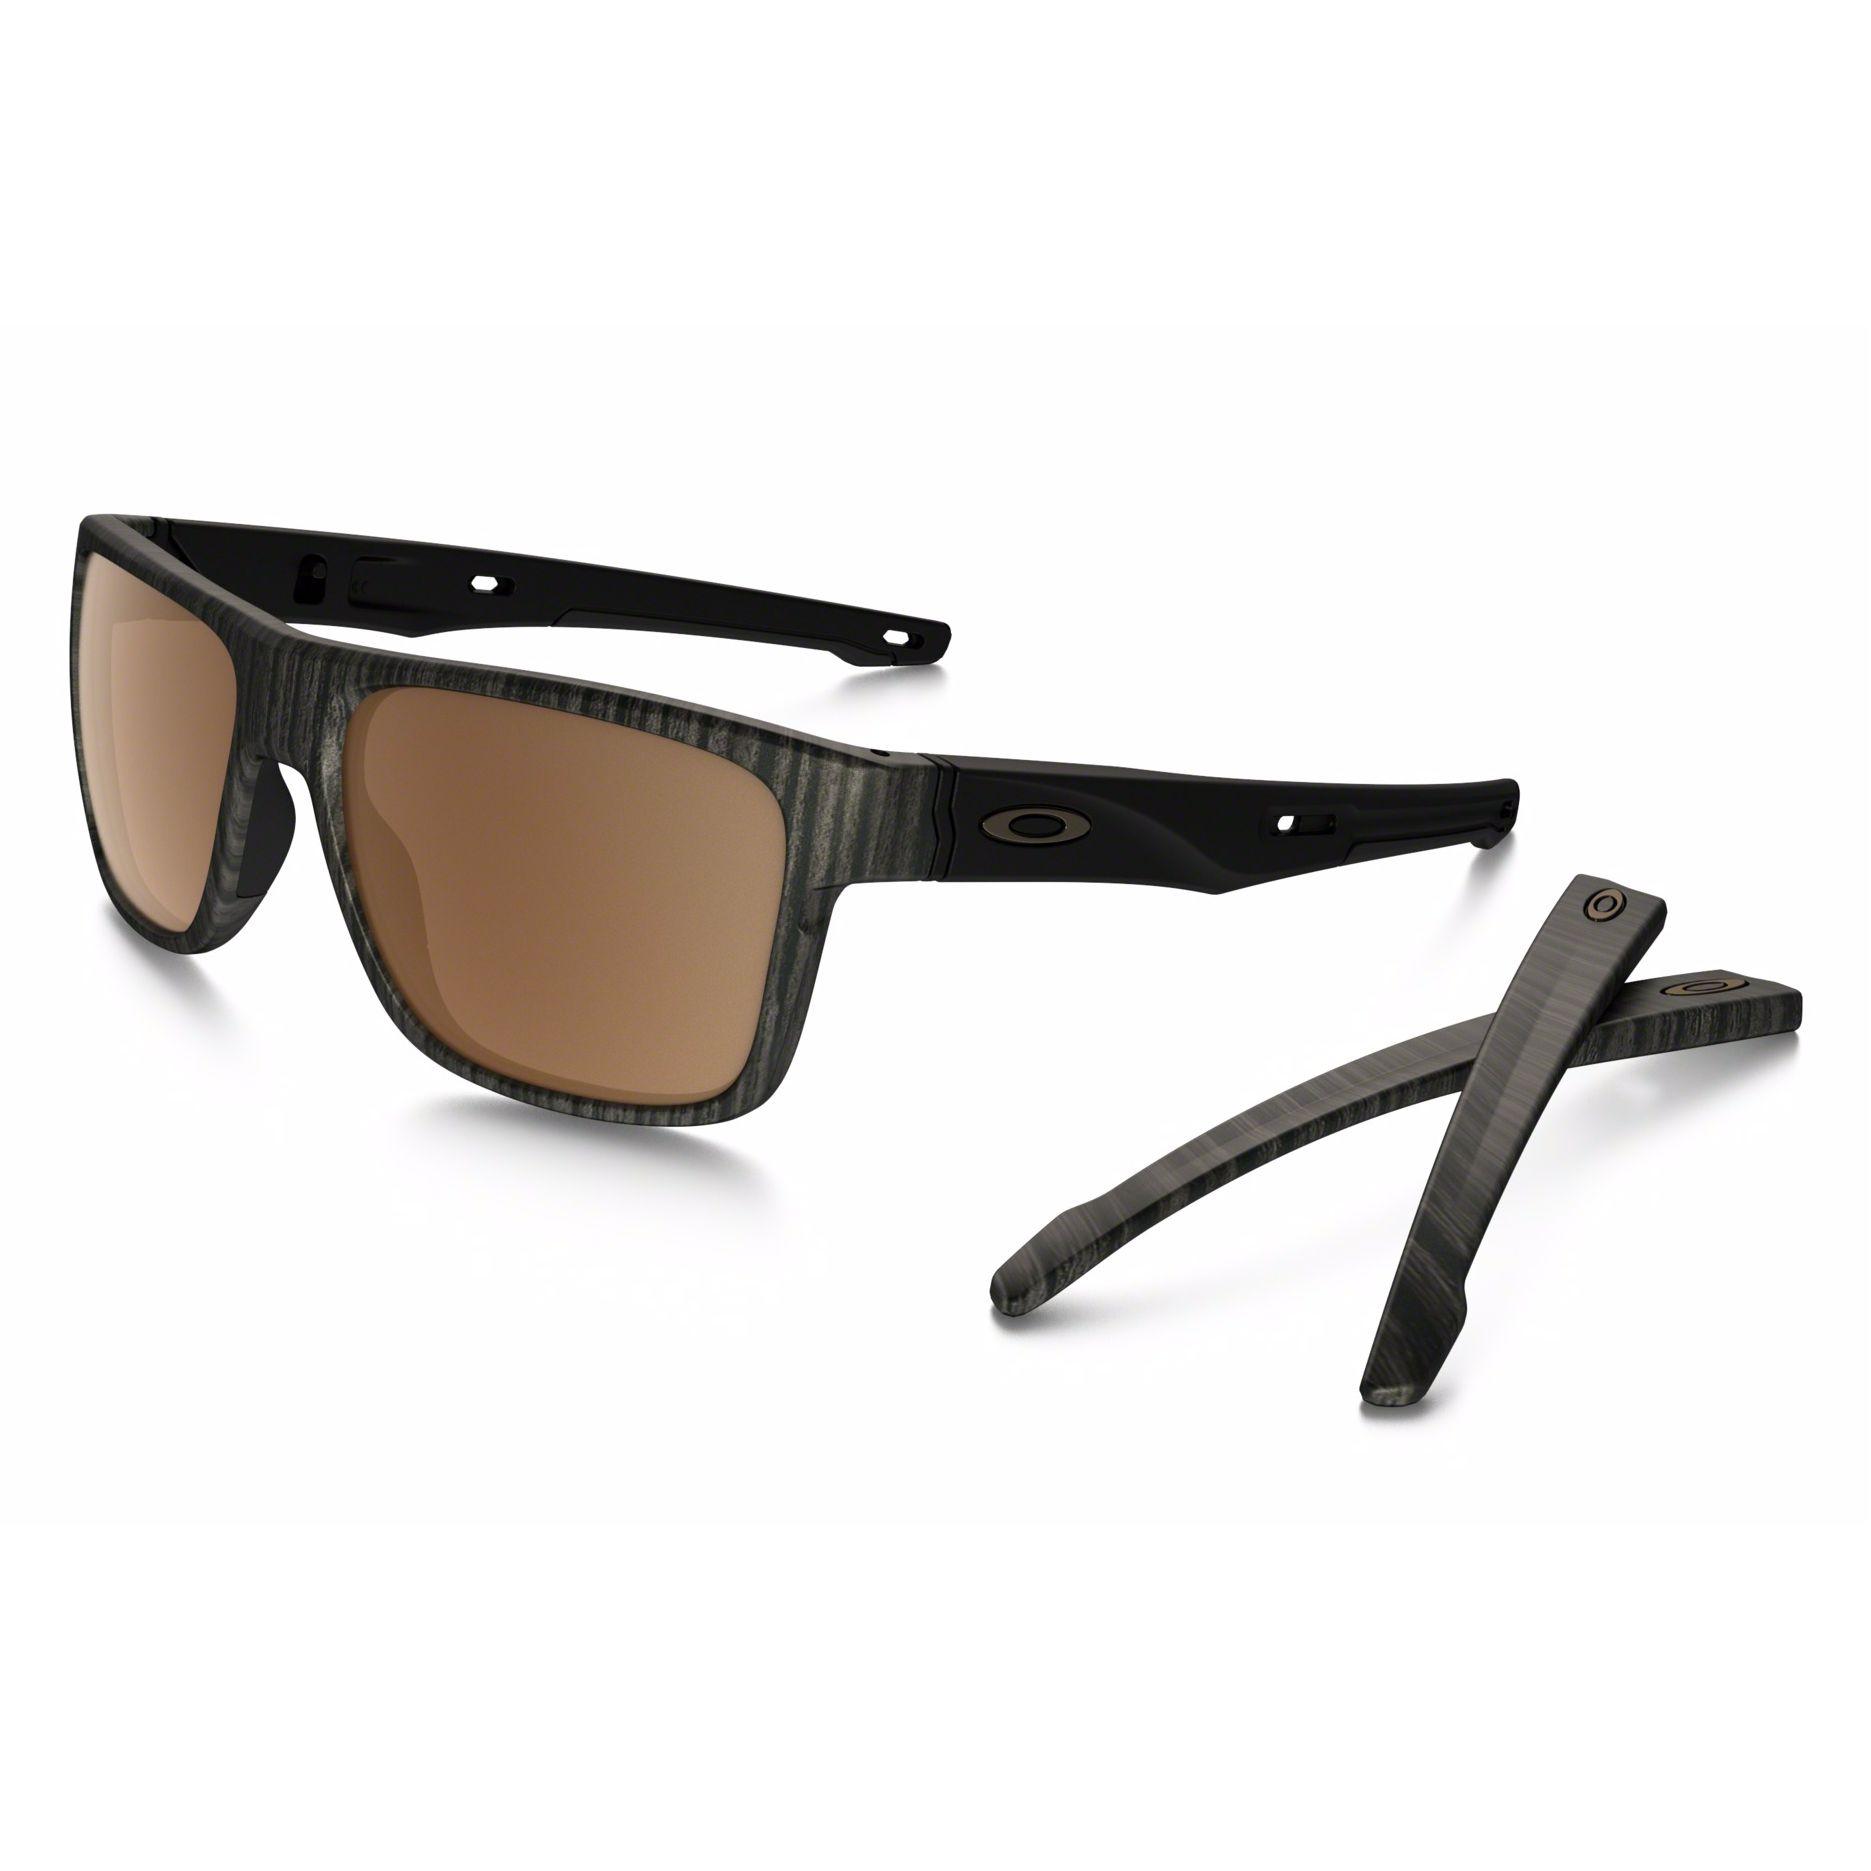 occhiali da sole oakley lenti polarizzate